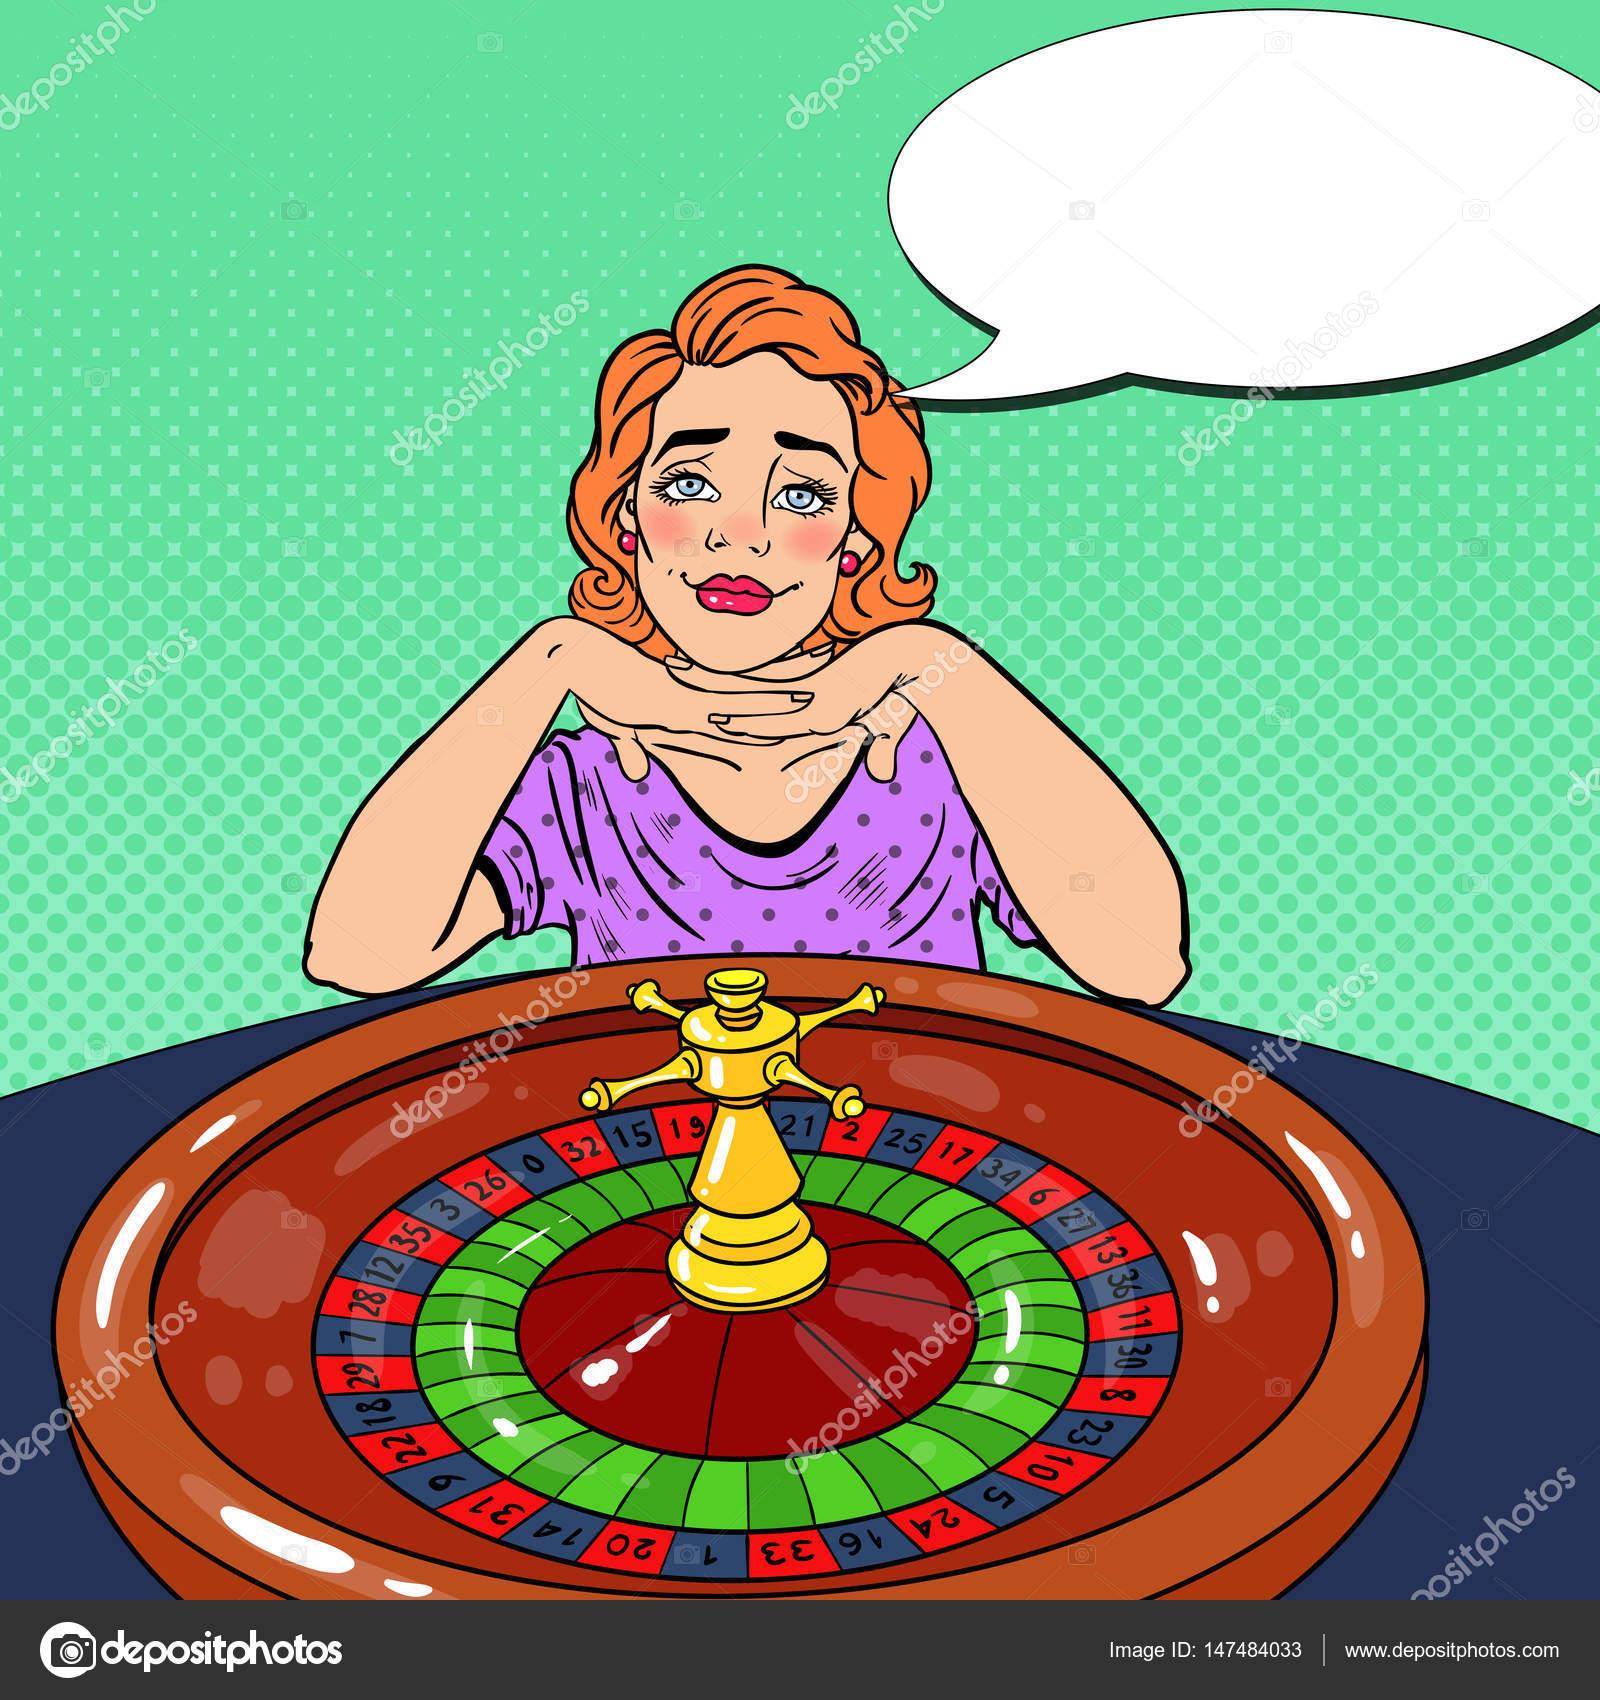 Big казино